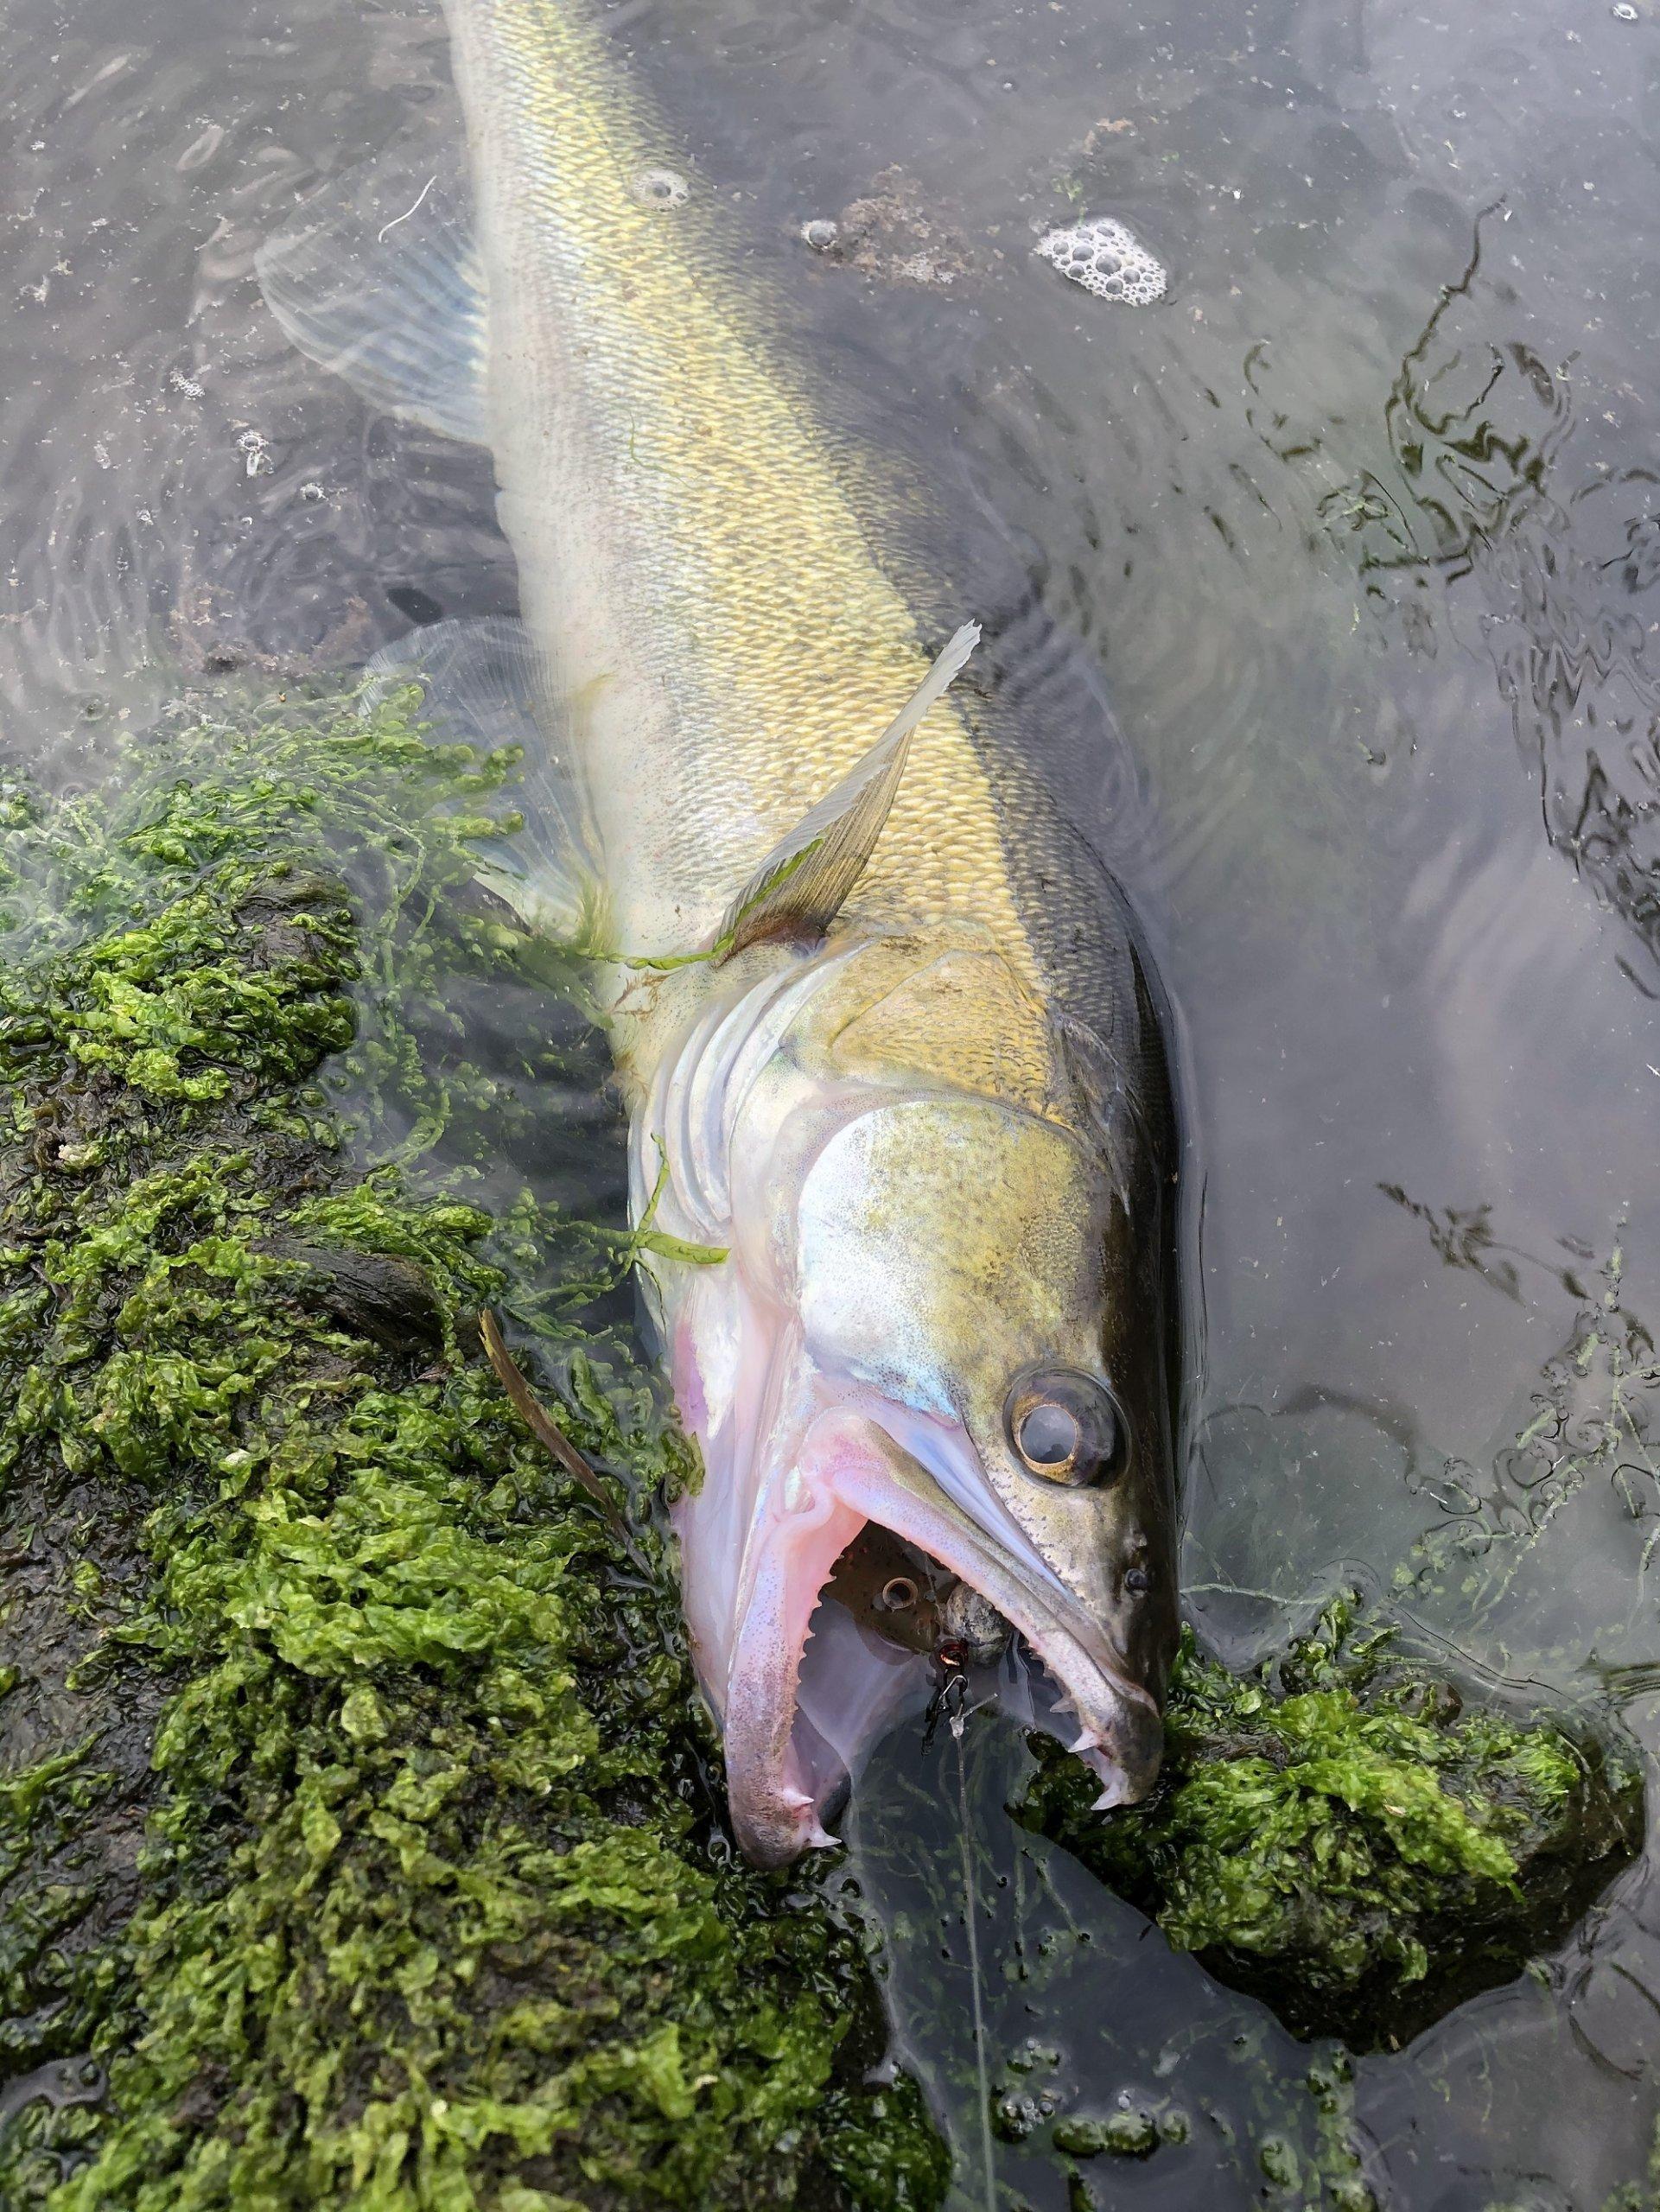 Die Zander im Nord-Ostsee-Kanal können zickig sein. Doch dieser Raubfisch hat aggresiv beim Angeln mit Gummifisch gebissen